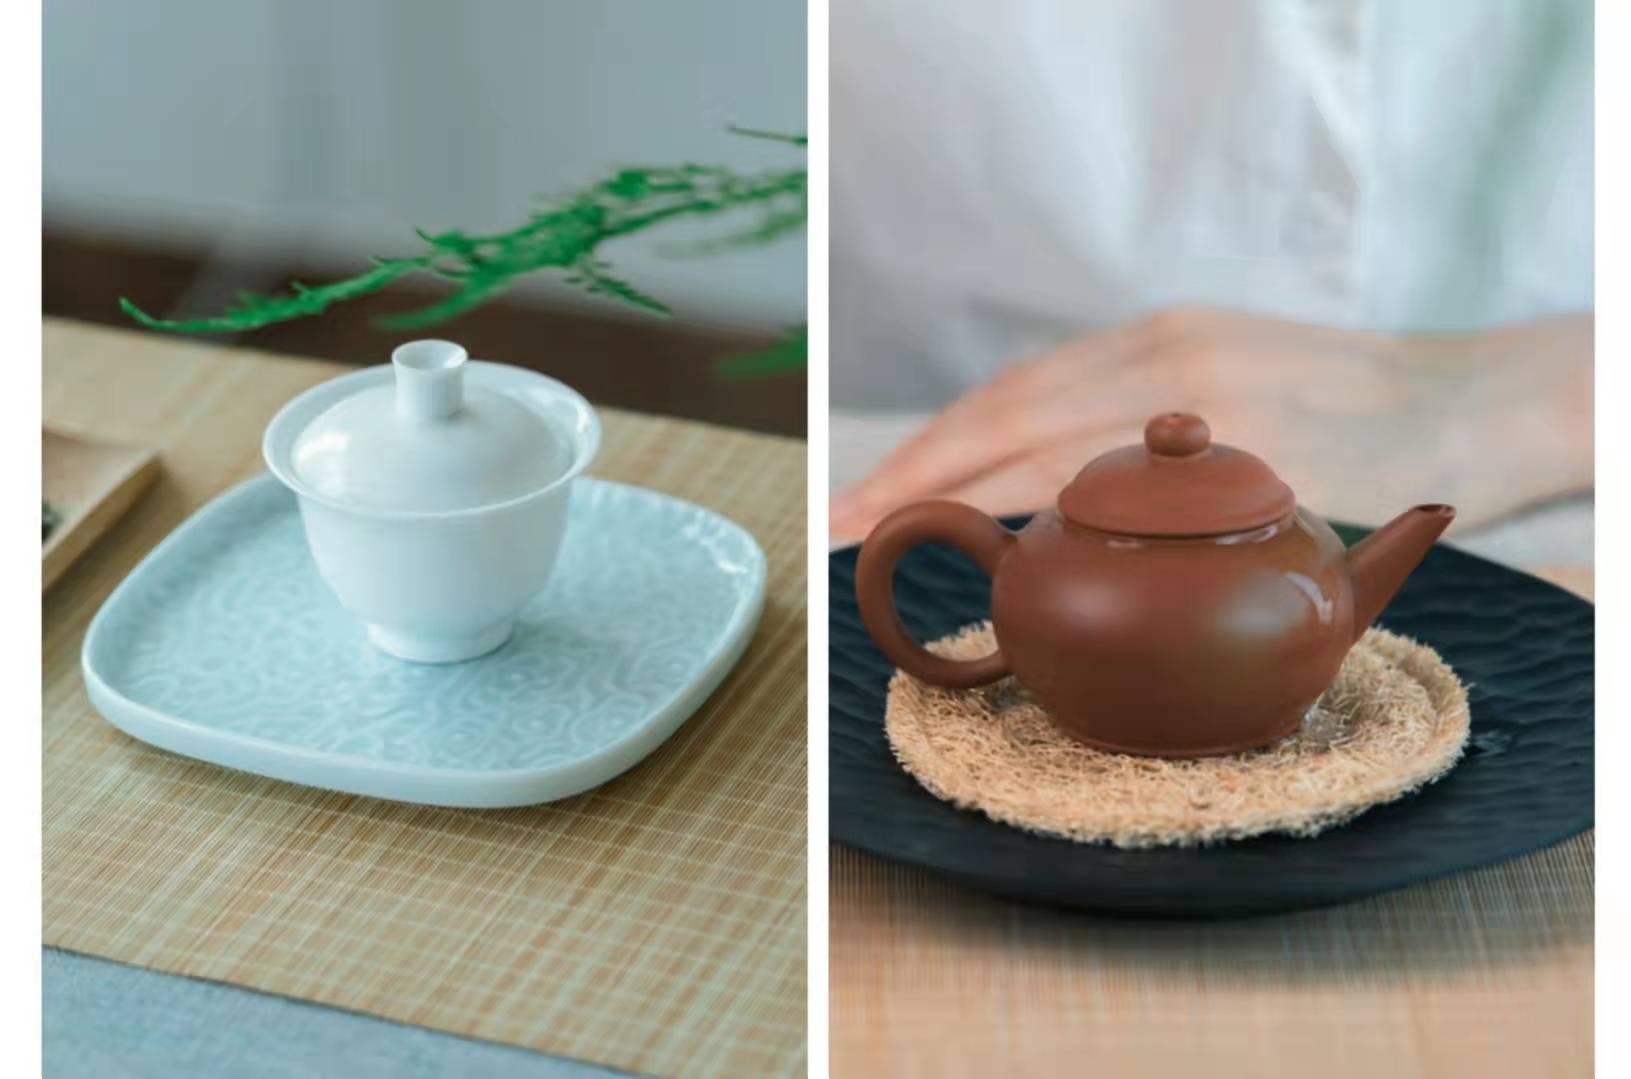 小喜年-紫砂泡茶香、盖碗易清洗,你们泡茶最爱用什么茶具?